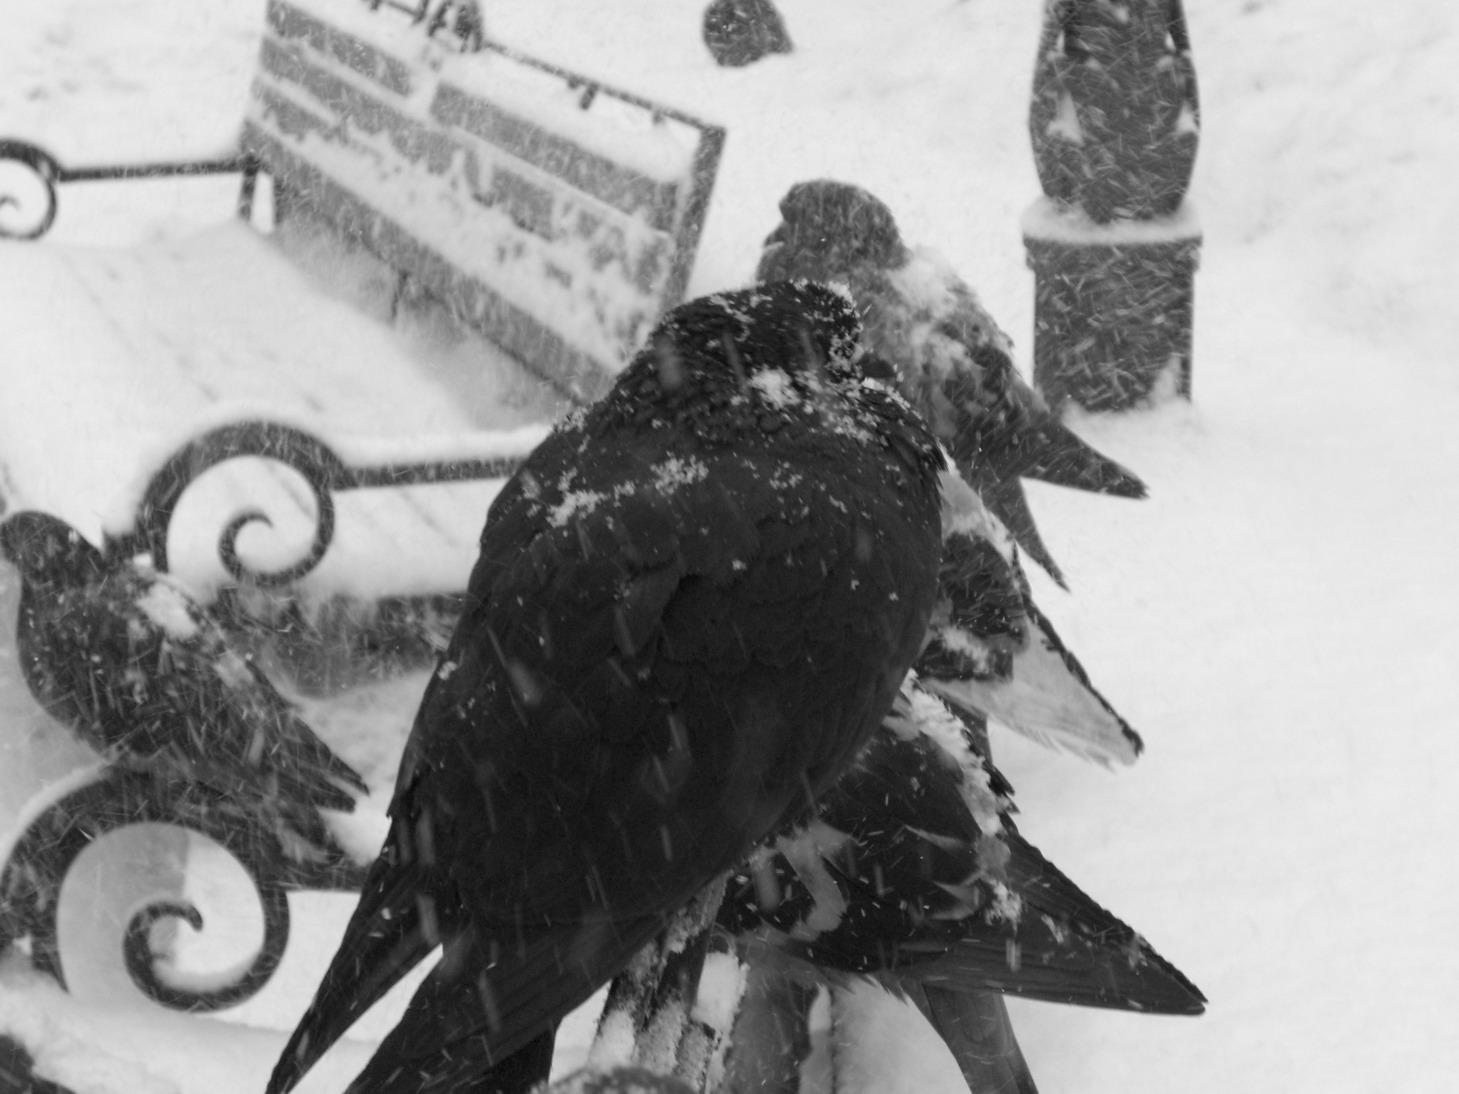 Сюжет картинки как мы помогаем зимующим птицам